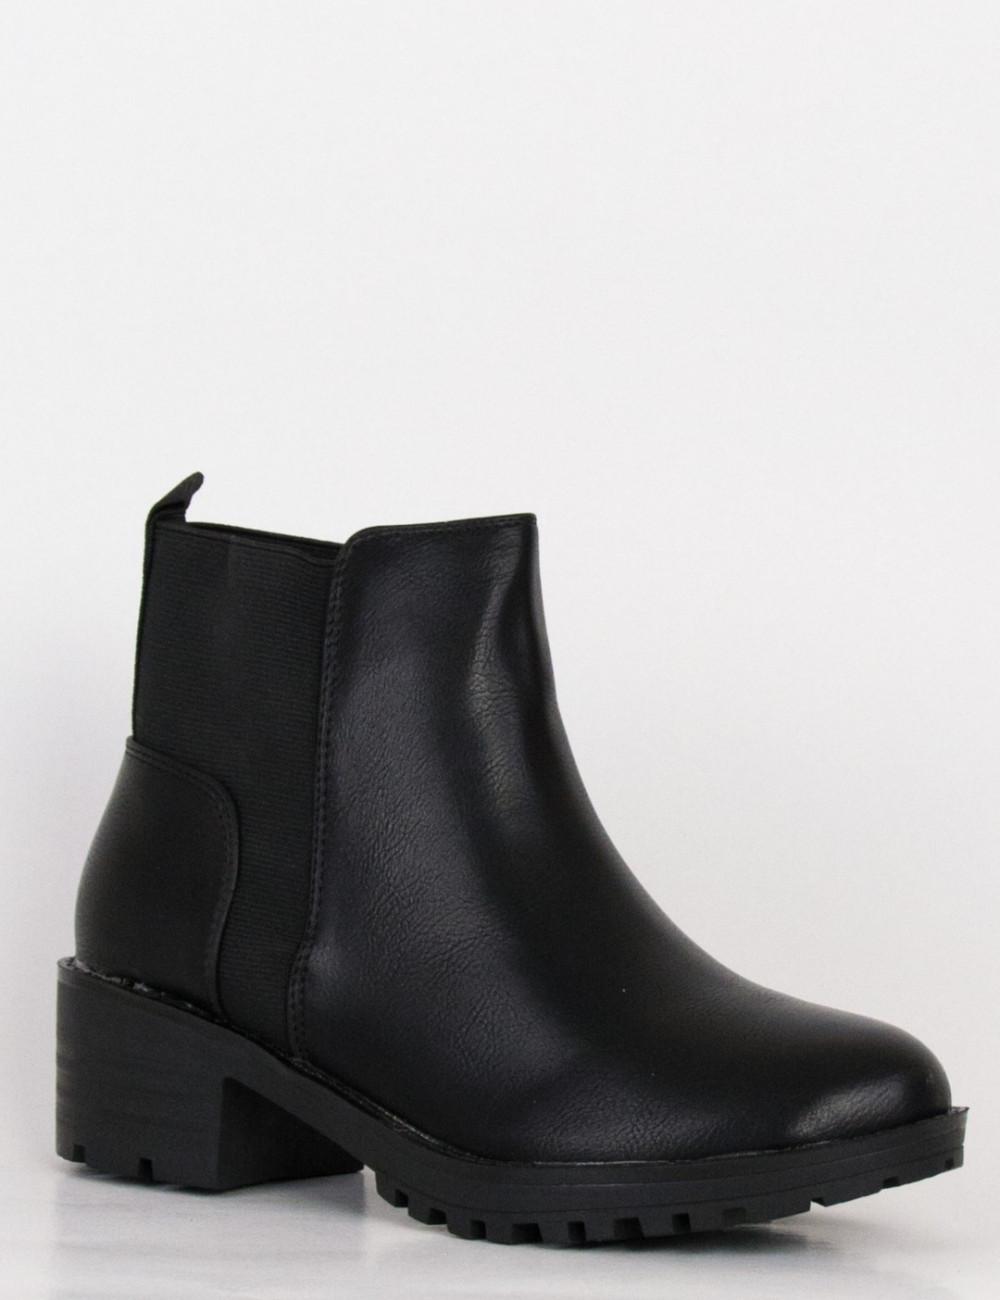 Γυναικεία μαύρα μποτάκια λάστιχο τρακτερωτό τακούνι FD160